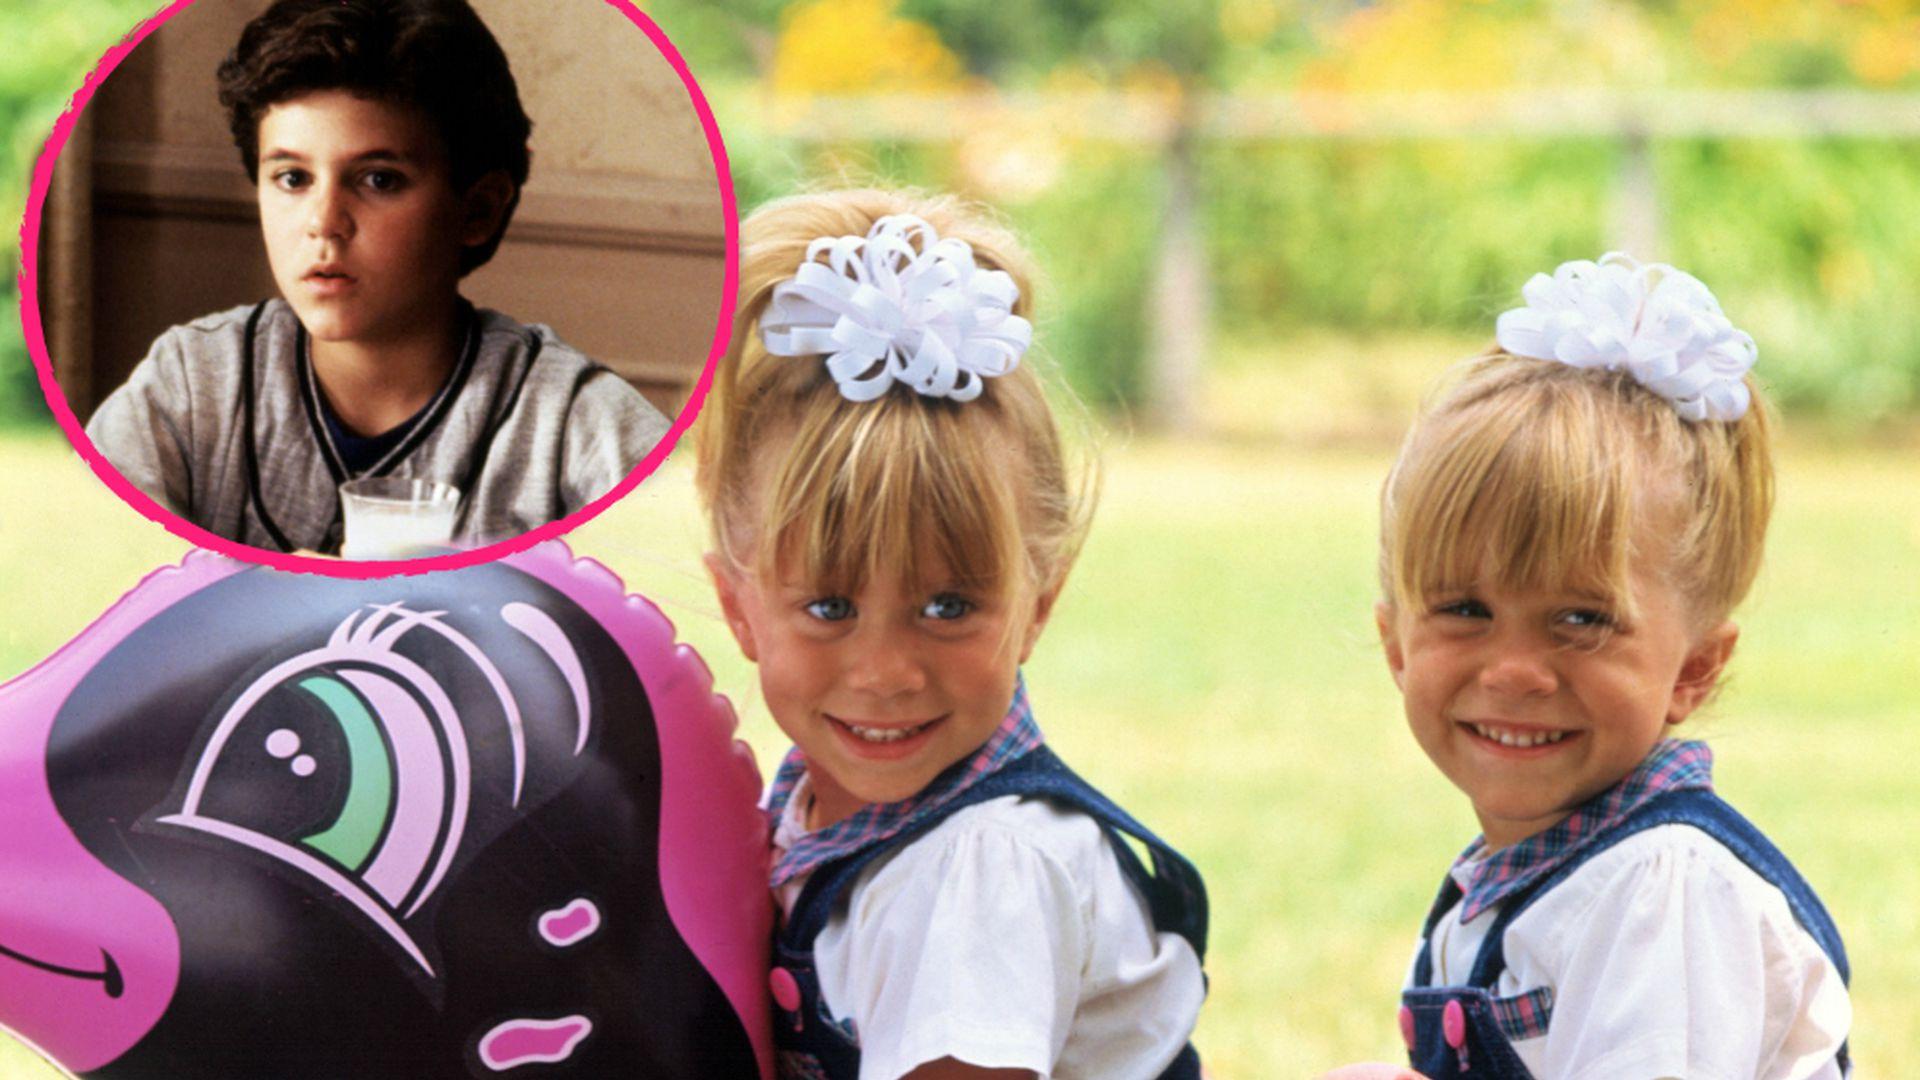 Fred und Olsen Twins Was machen Kinderstars heute